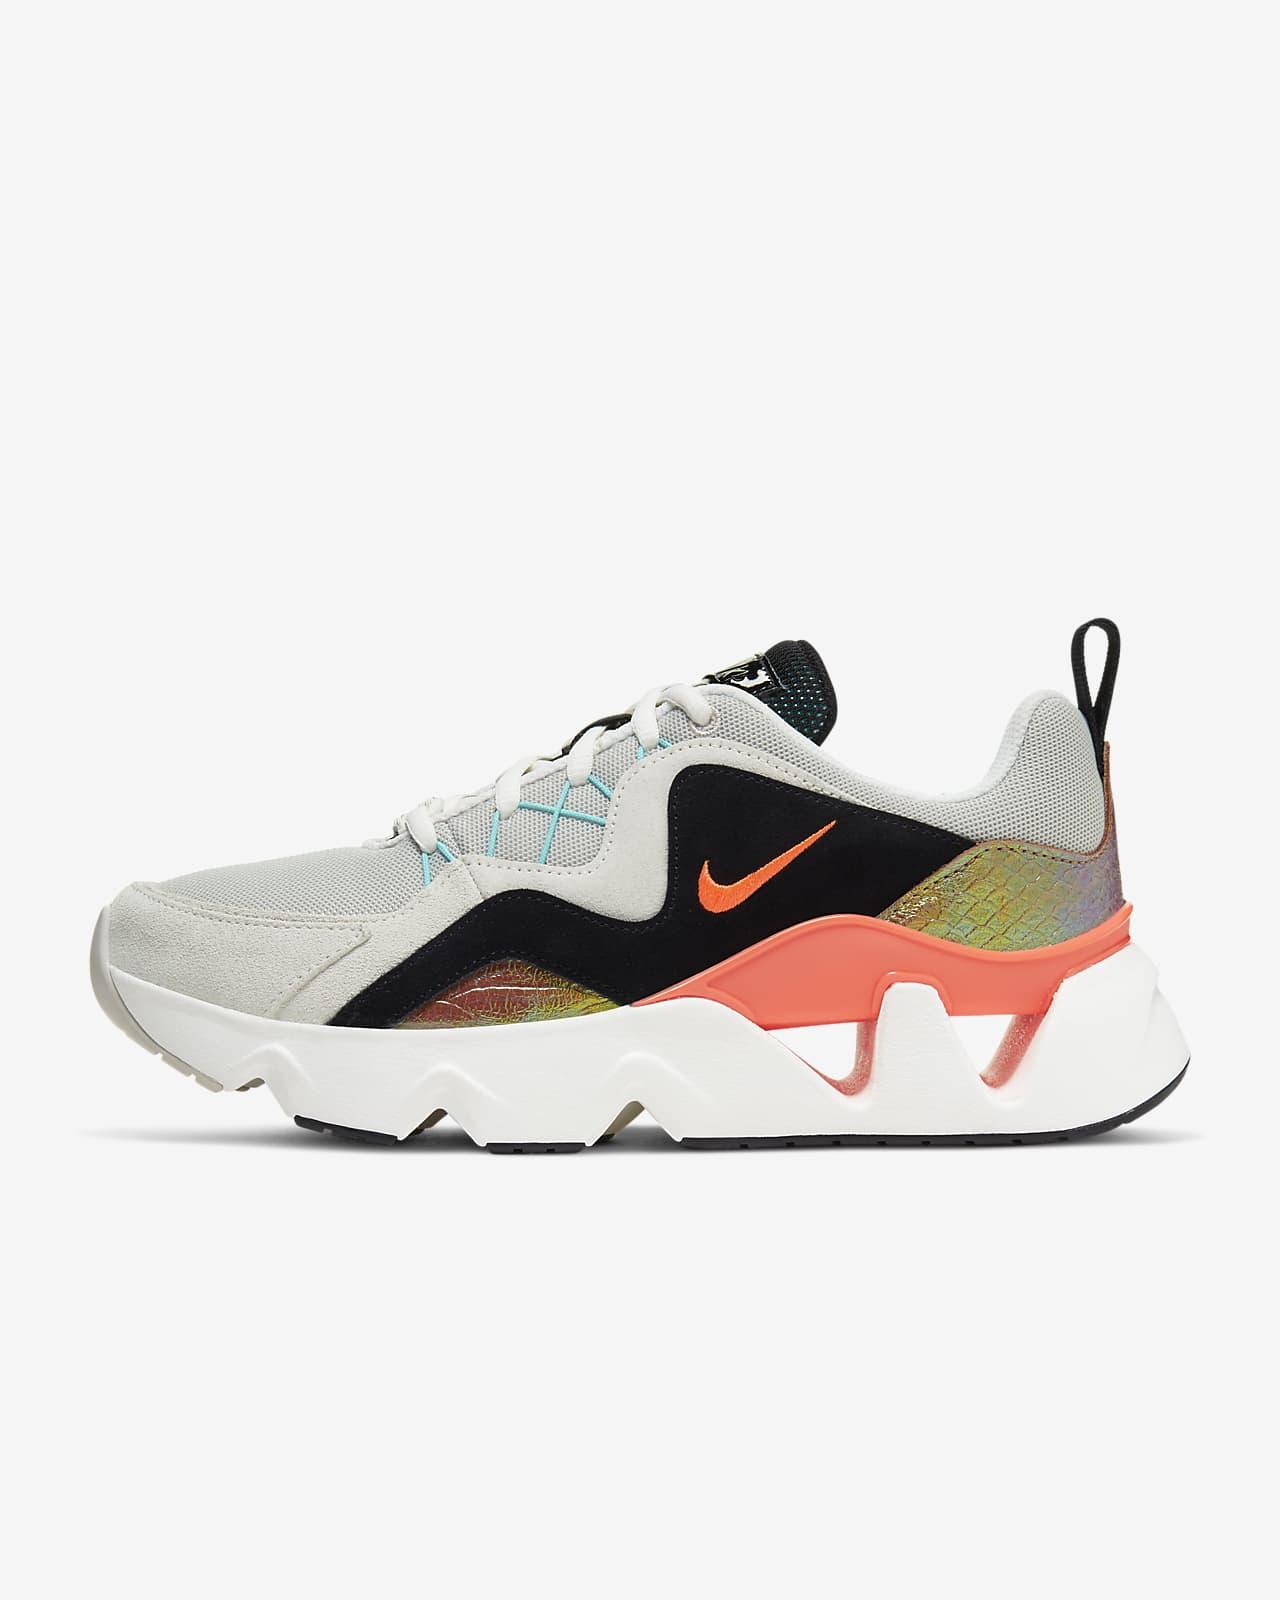 Nike Ryz 365 Damenschuh